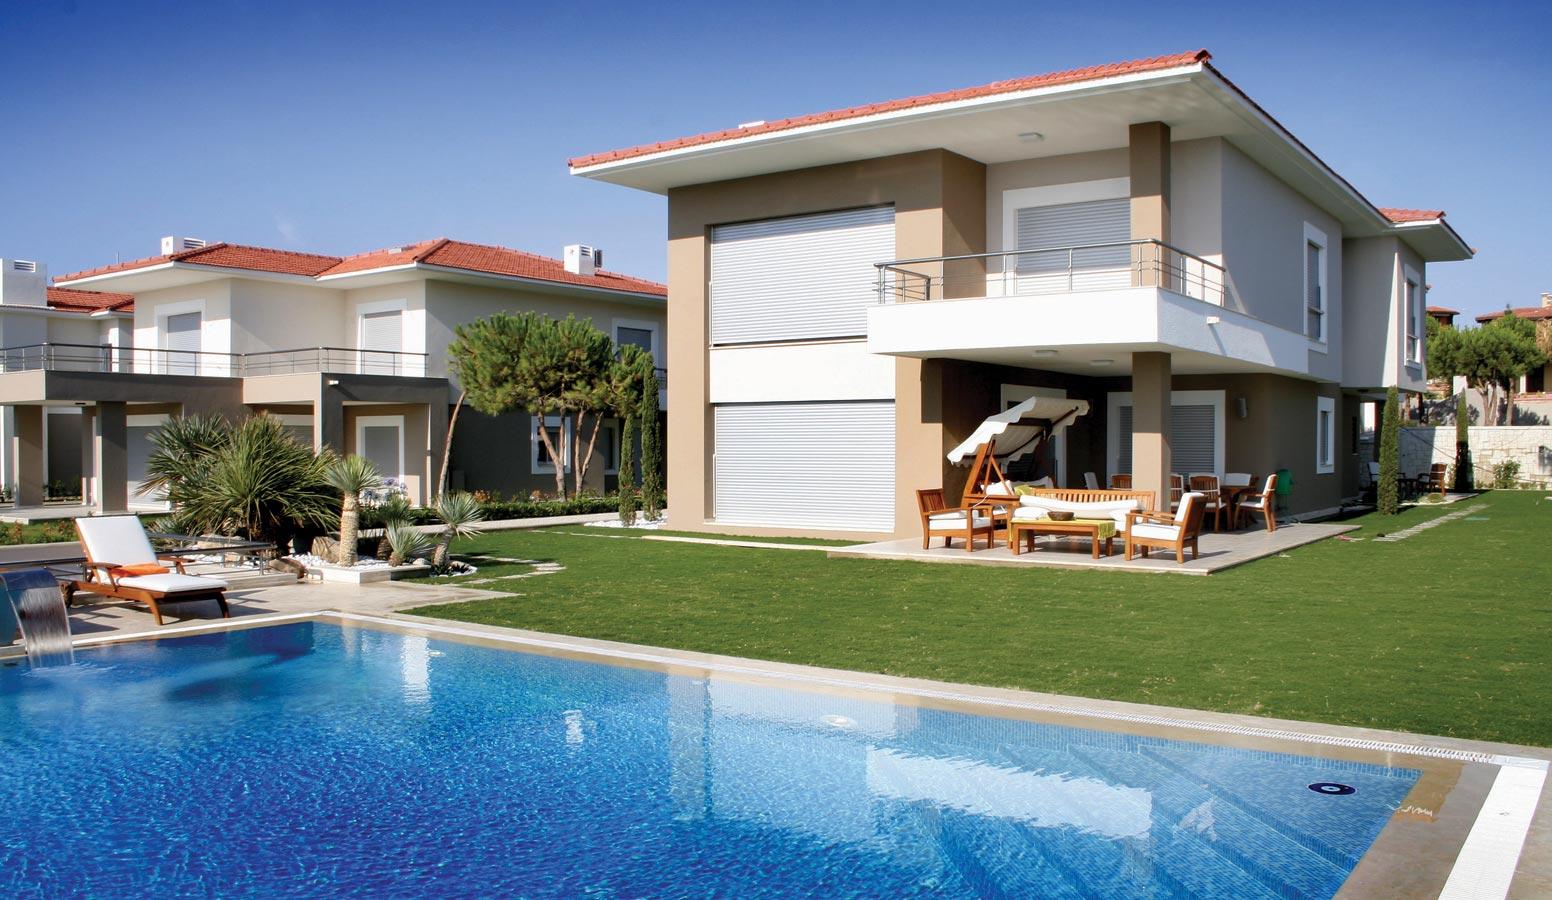 On İki Evler havuz